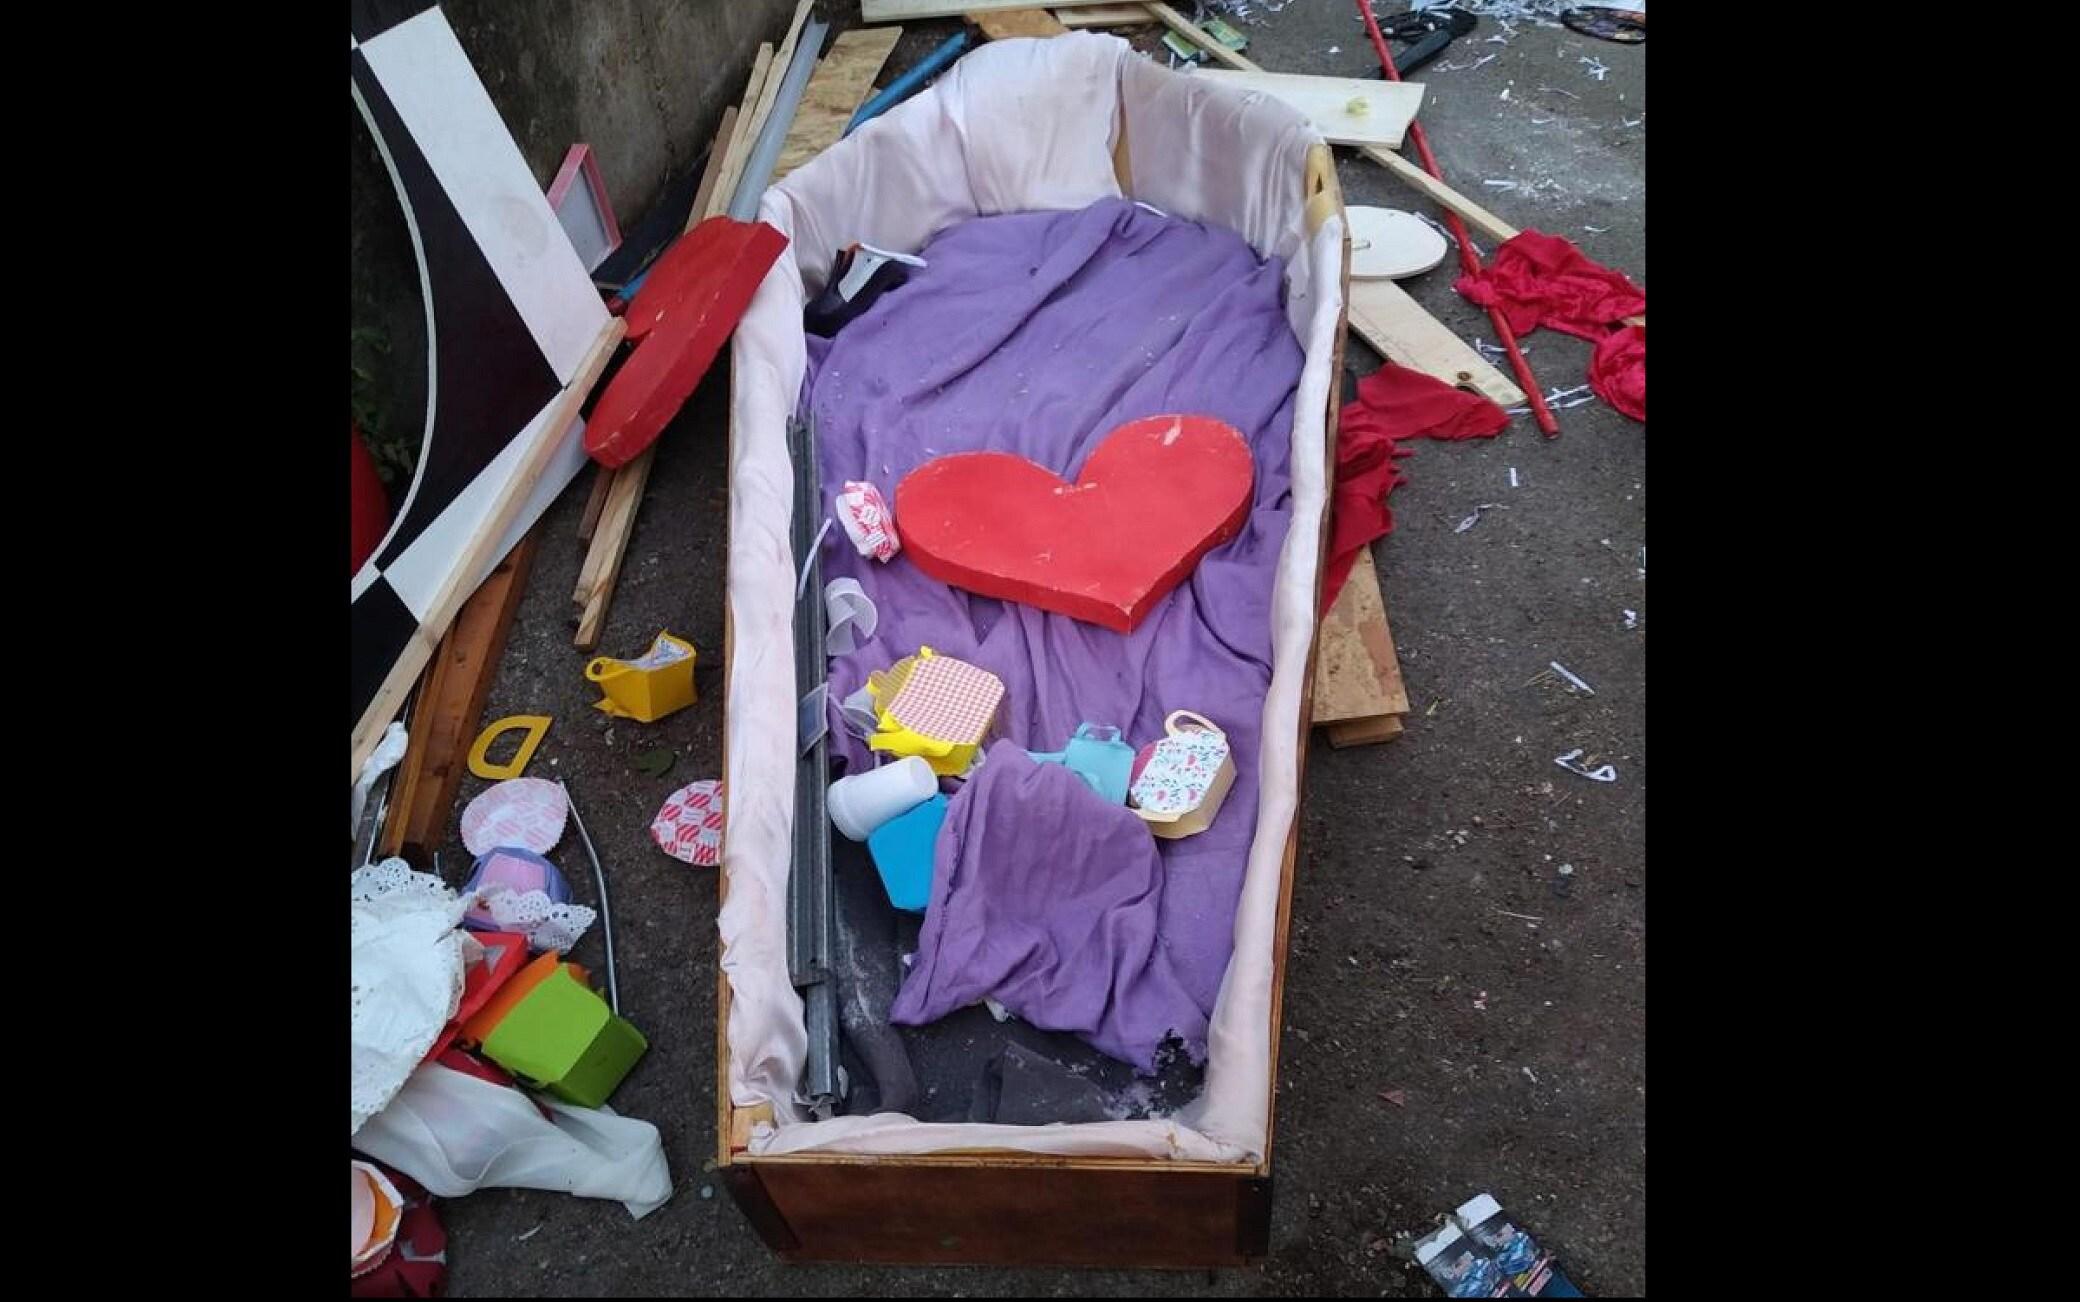 Una bara è stata trovata davanti all'Agenzia dell'entrate a Palermo in via Konrad Roentgen, nel rione periferico di Cruillas